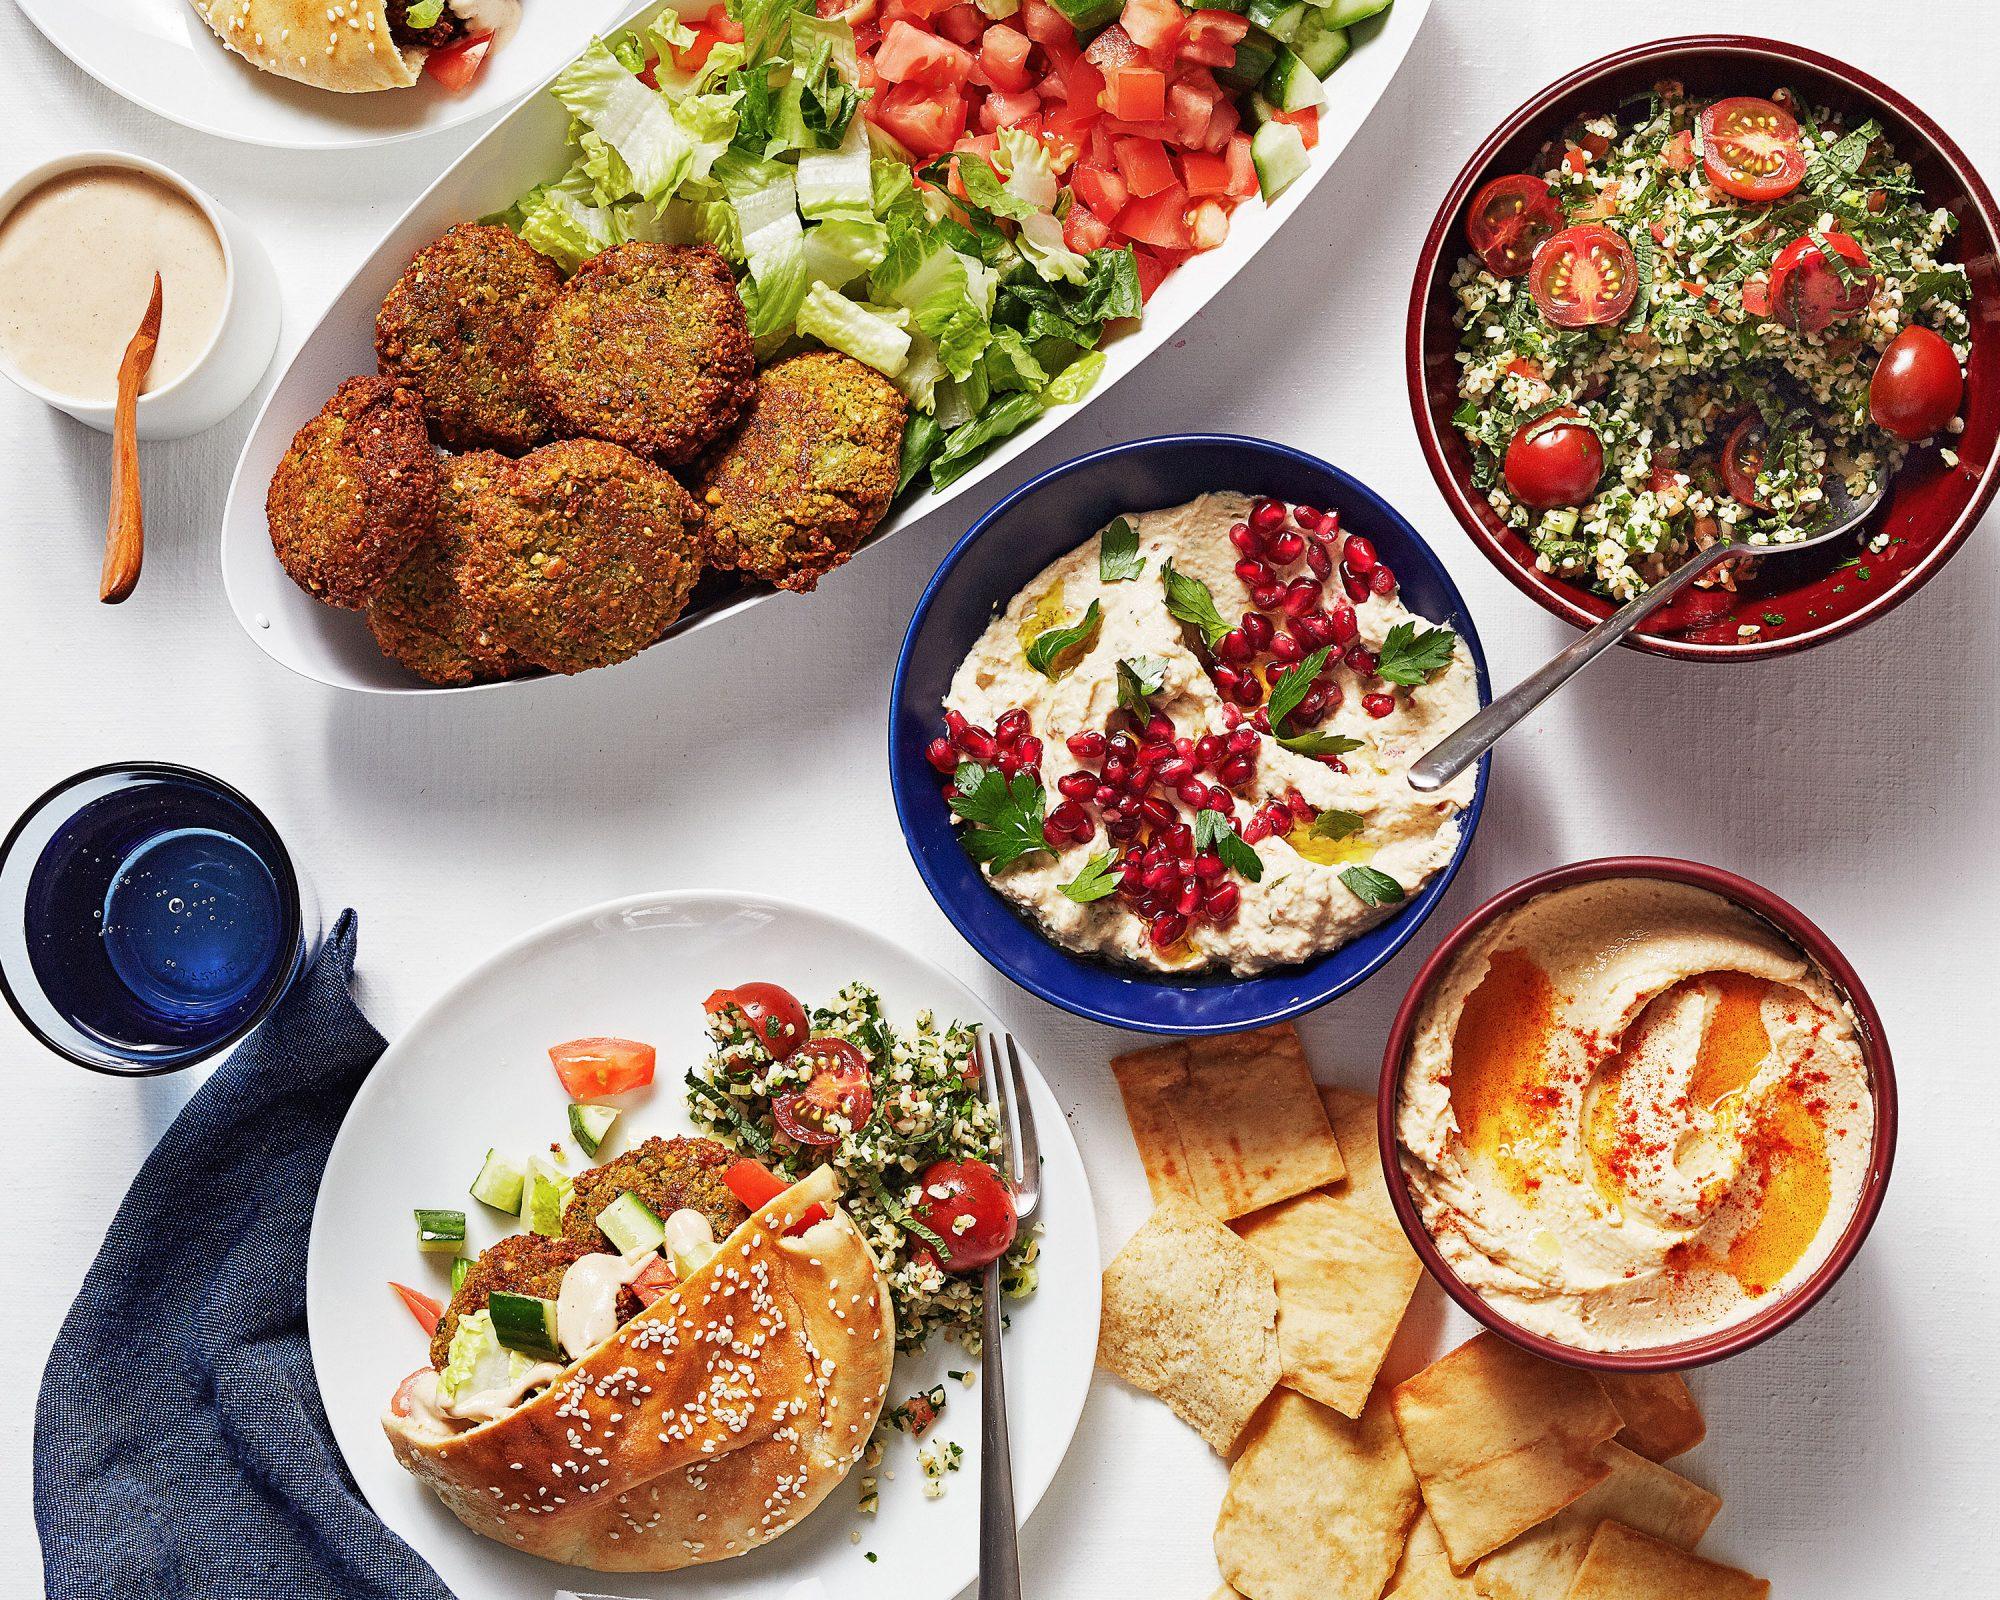 make-your-own falafel bar